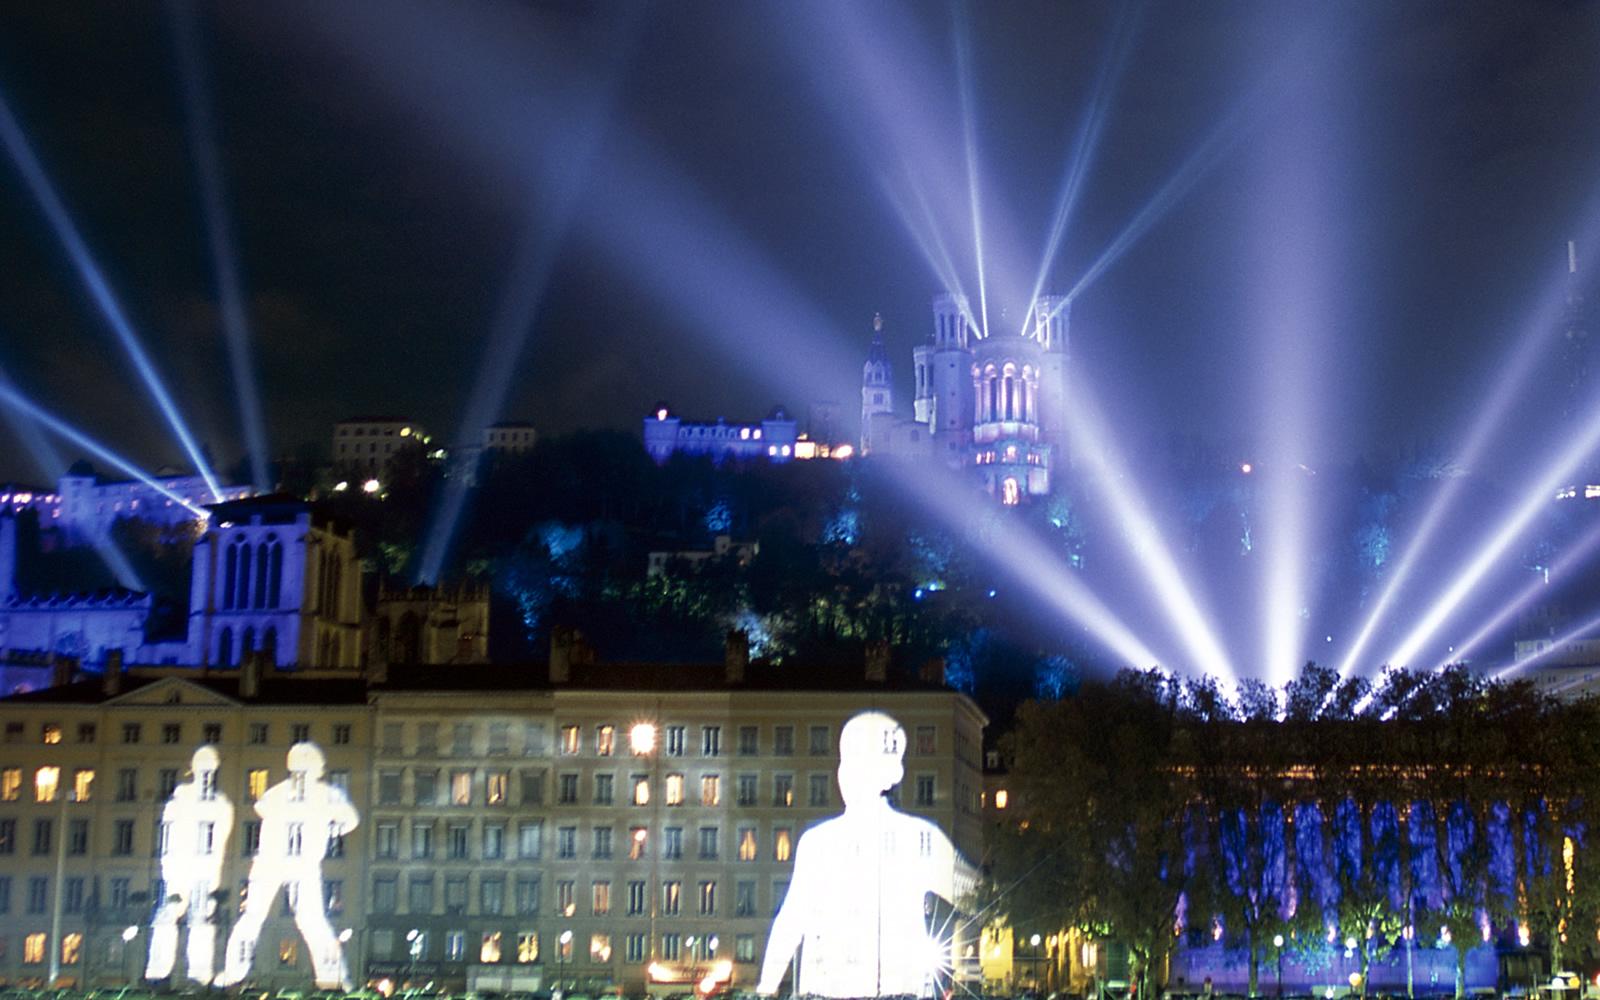 Fête des Lumières – Photo: Muriel Chaulet/Lyon Tourism and Conventions